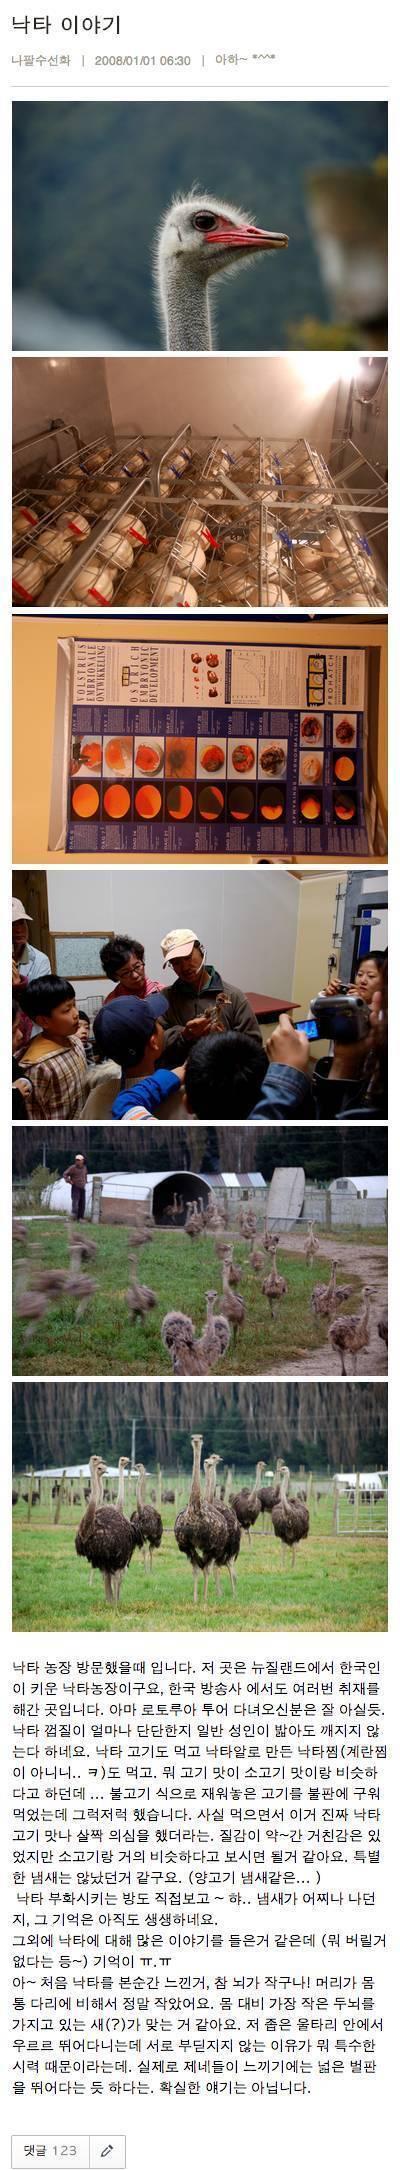 낙타농장 방문후기 | 인스티즈